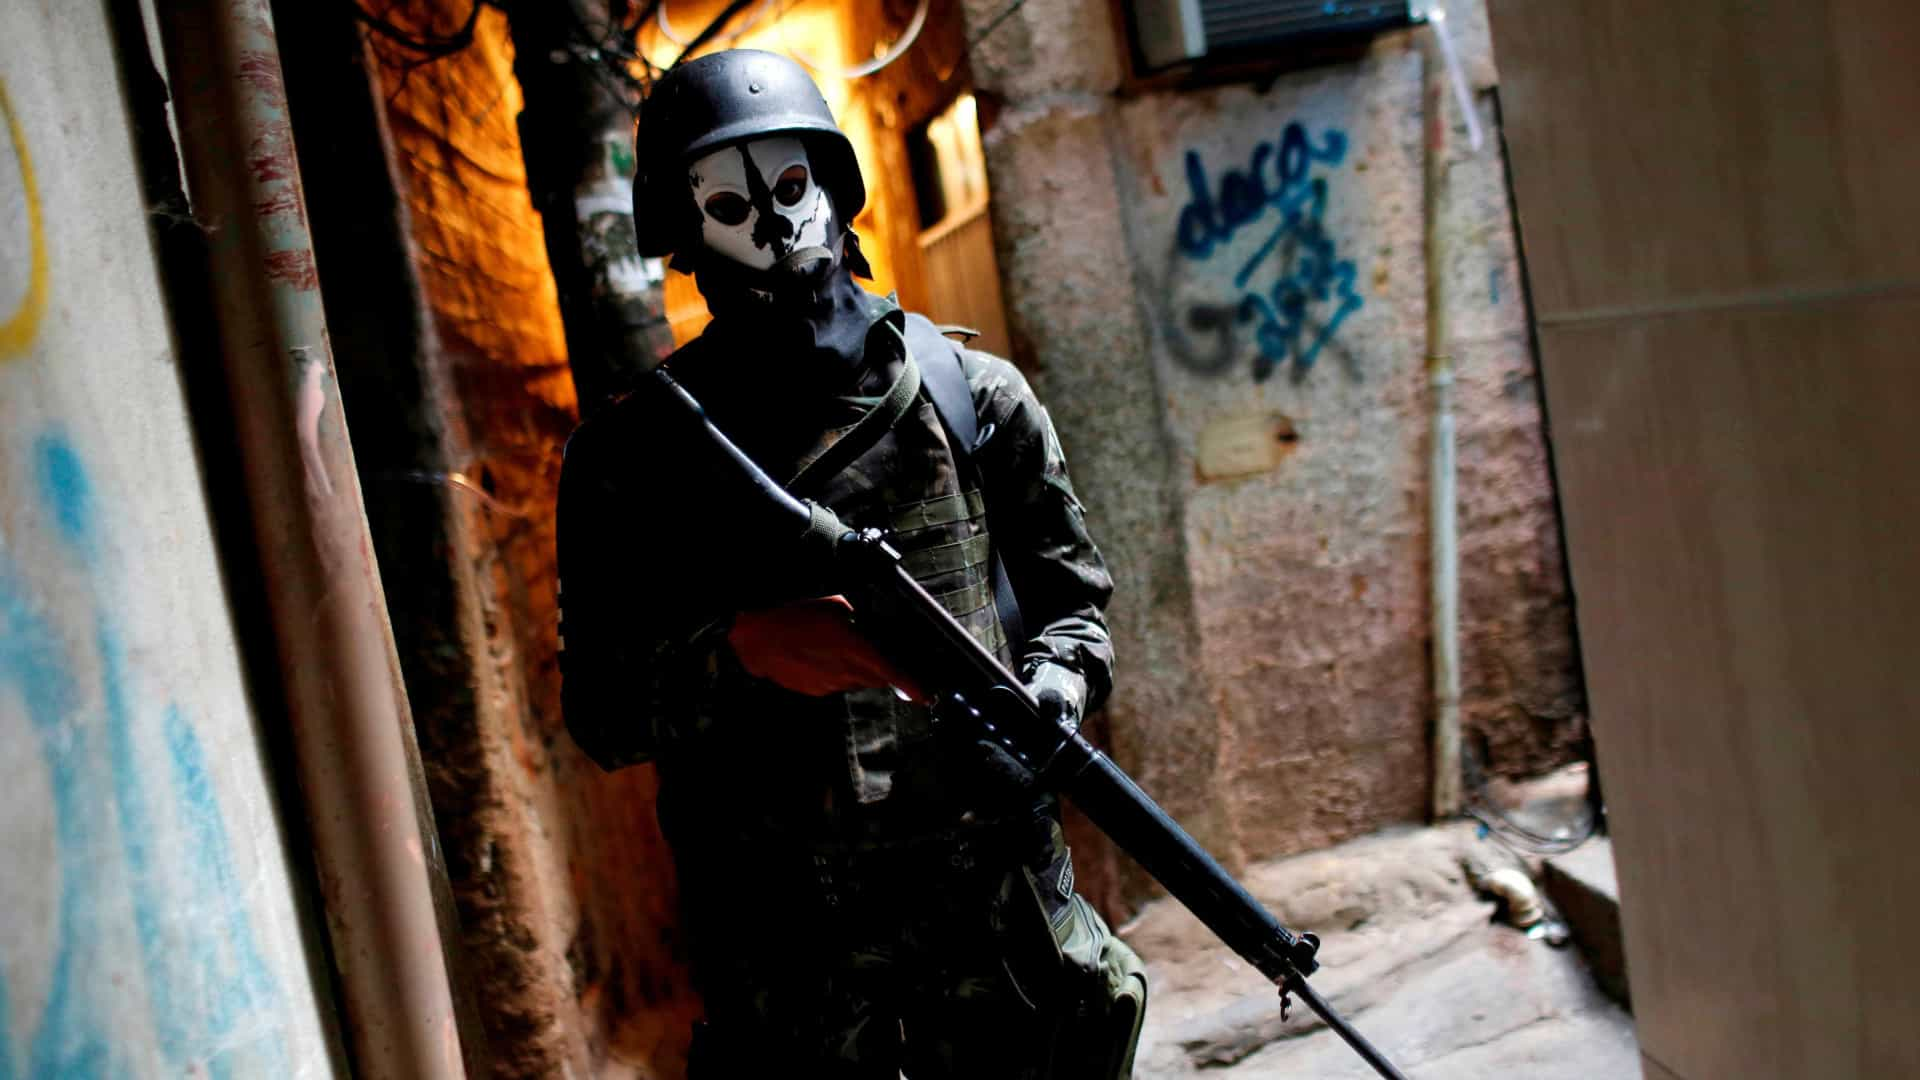 Proporção de assassinatos no Rio é de um policial para cada 36 civis